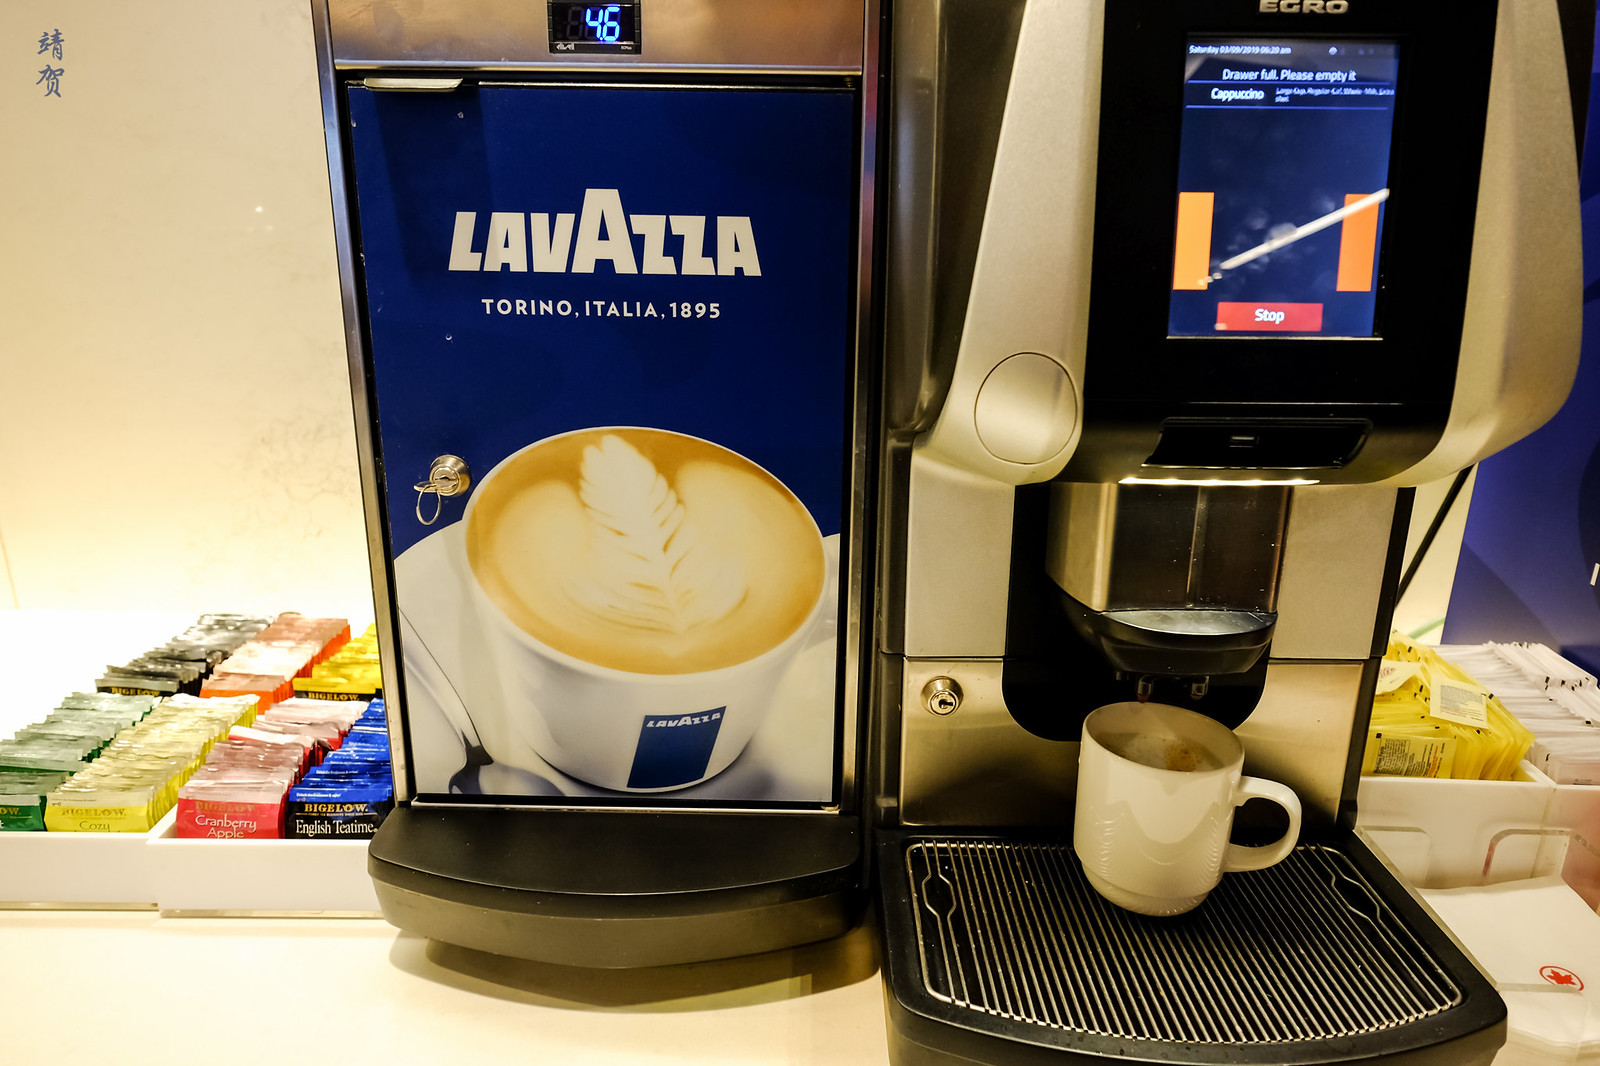 Lavazza coffee dispenser